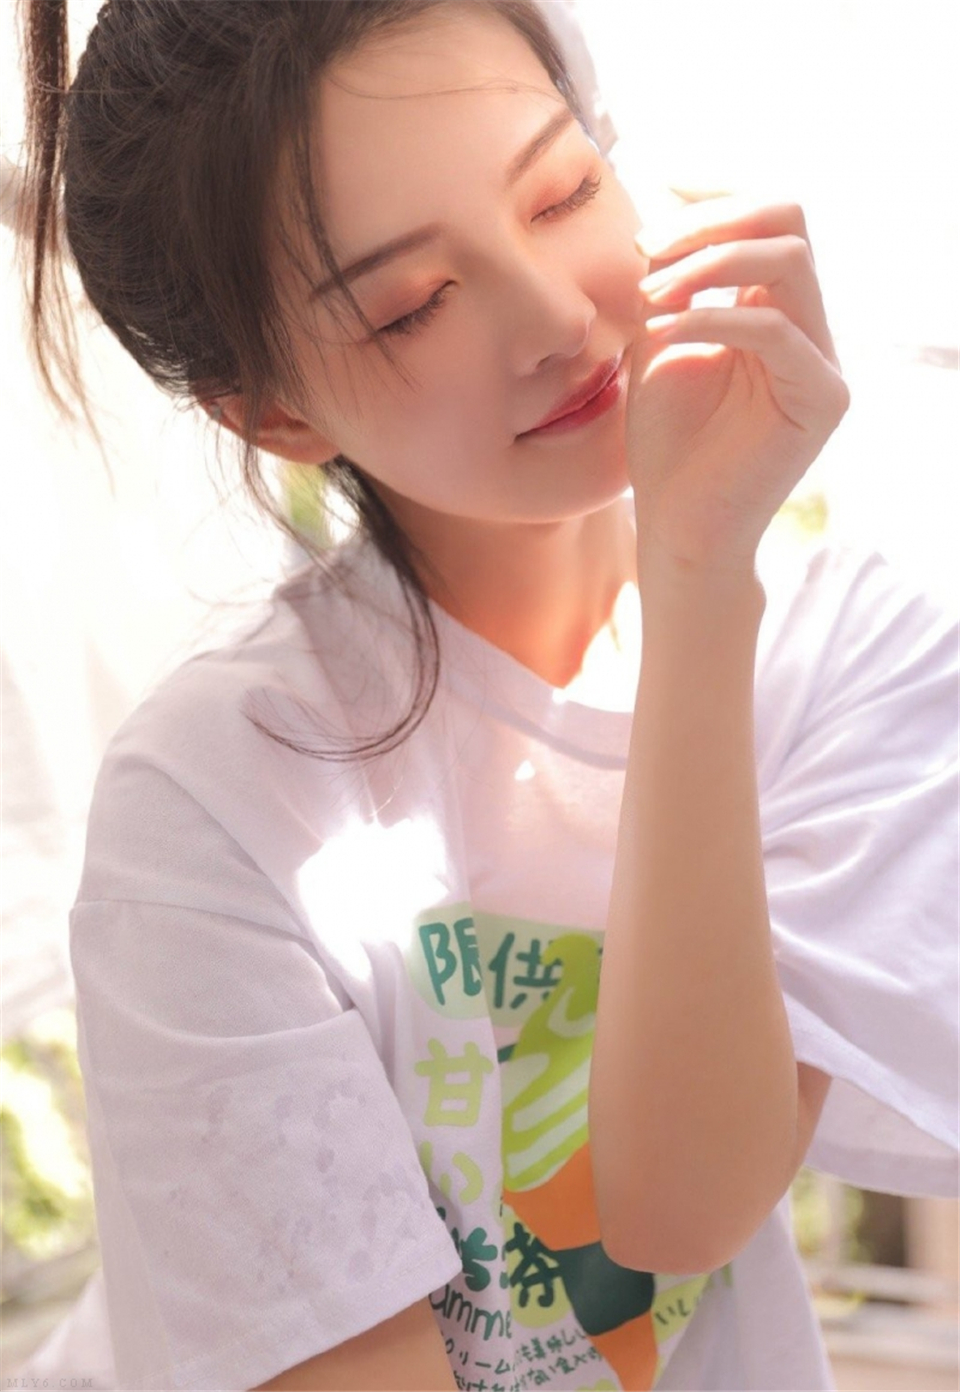 夏日清凉小美女细腰短裤俏皮写真集